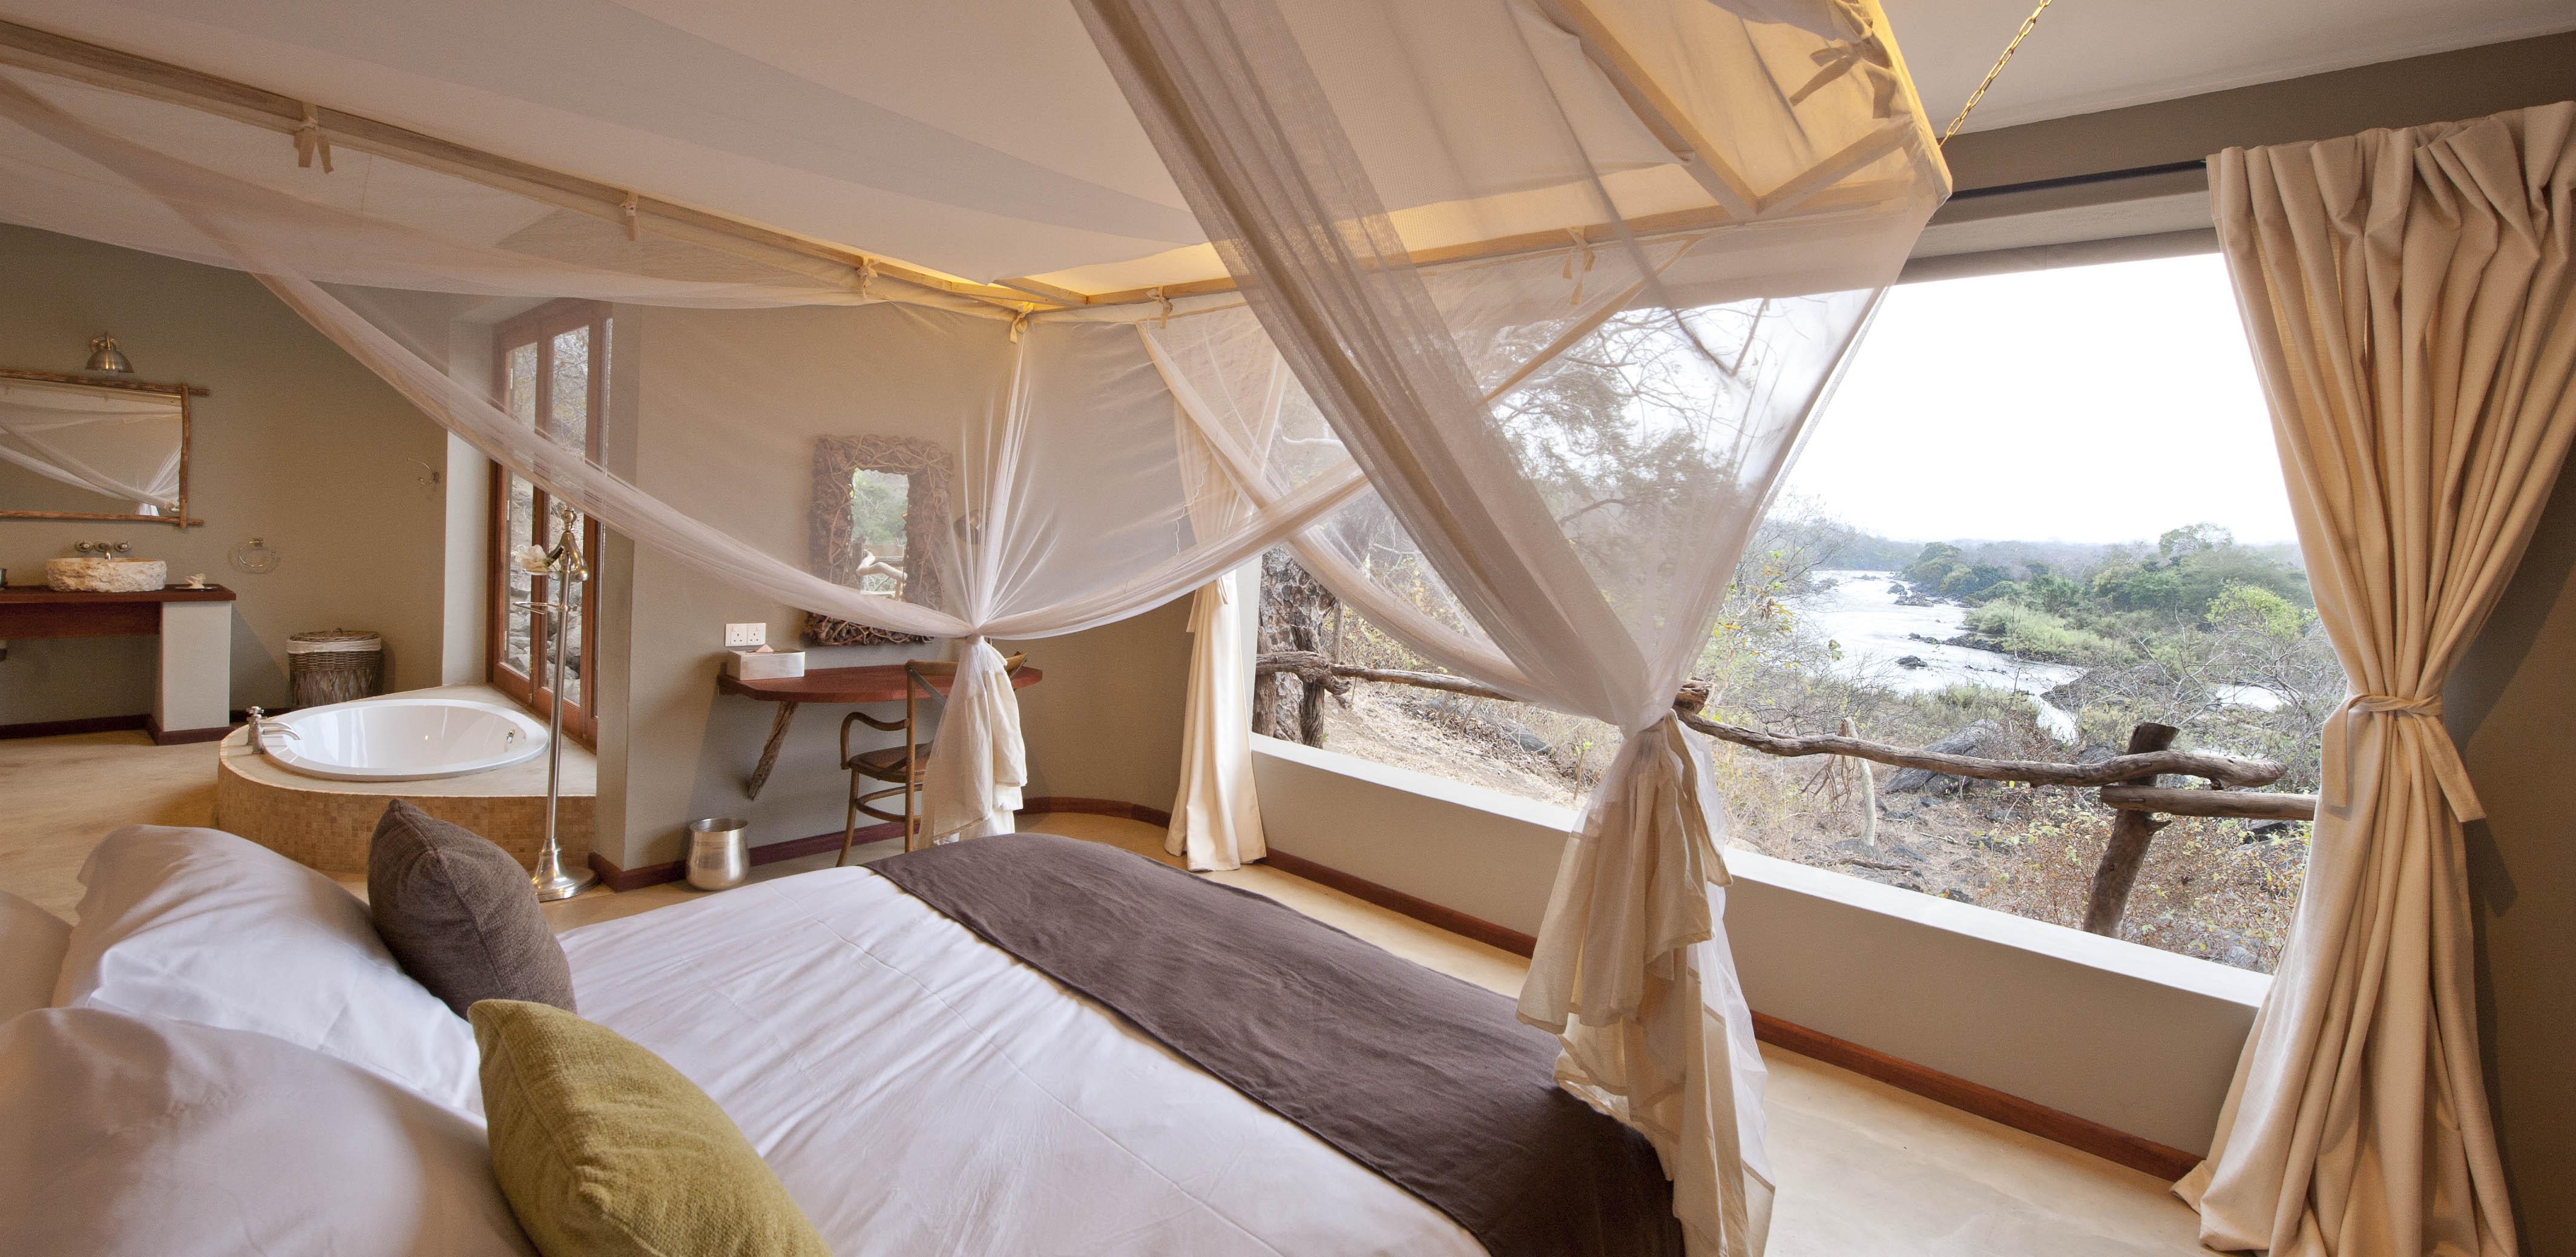 Mkulumadzi lodge, Majete, Malawi